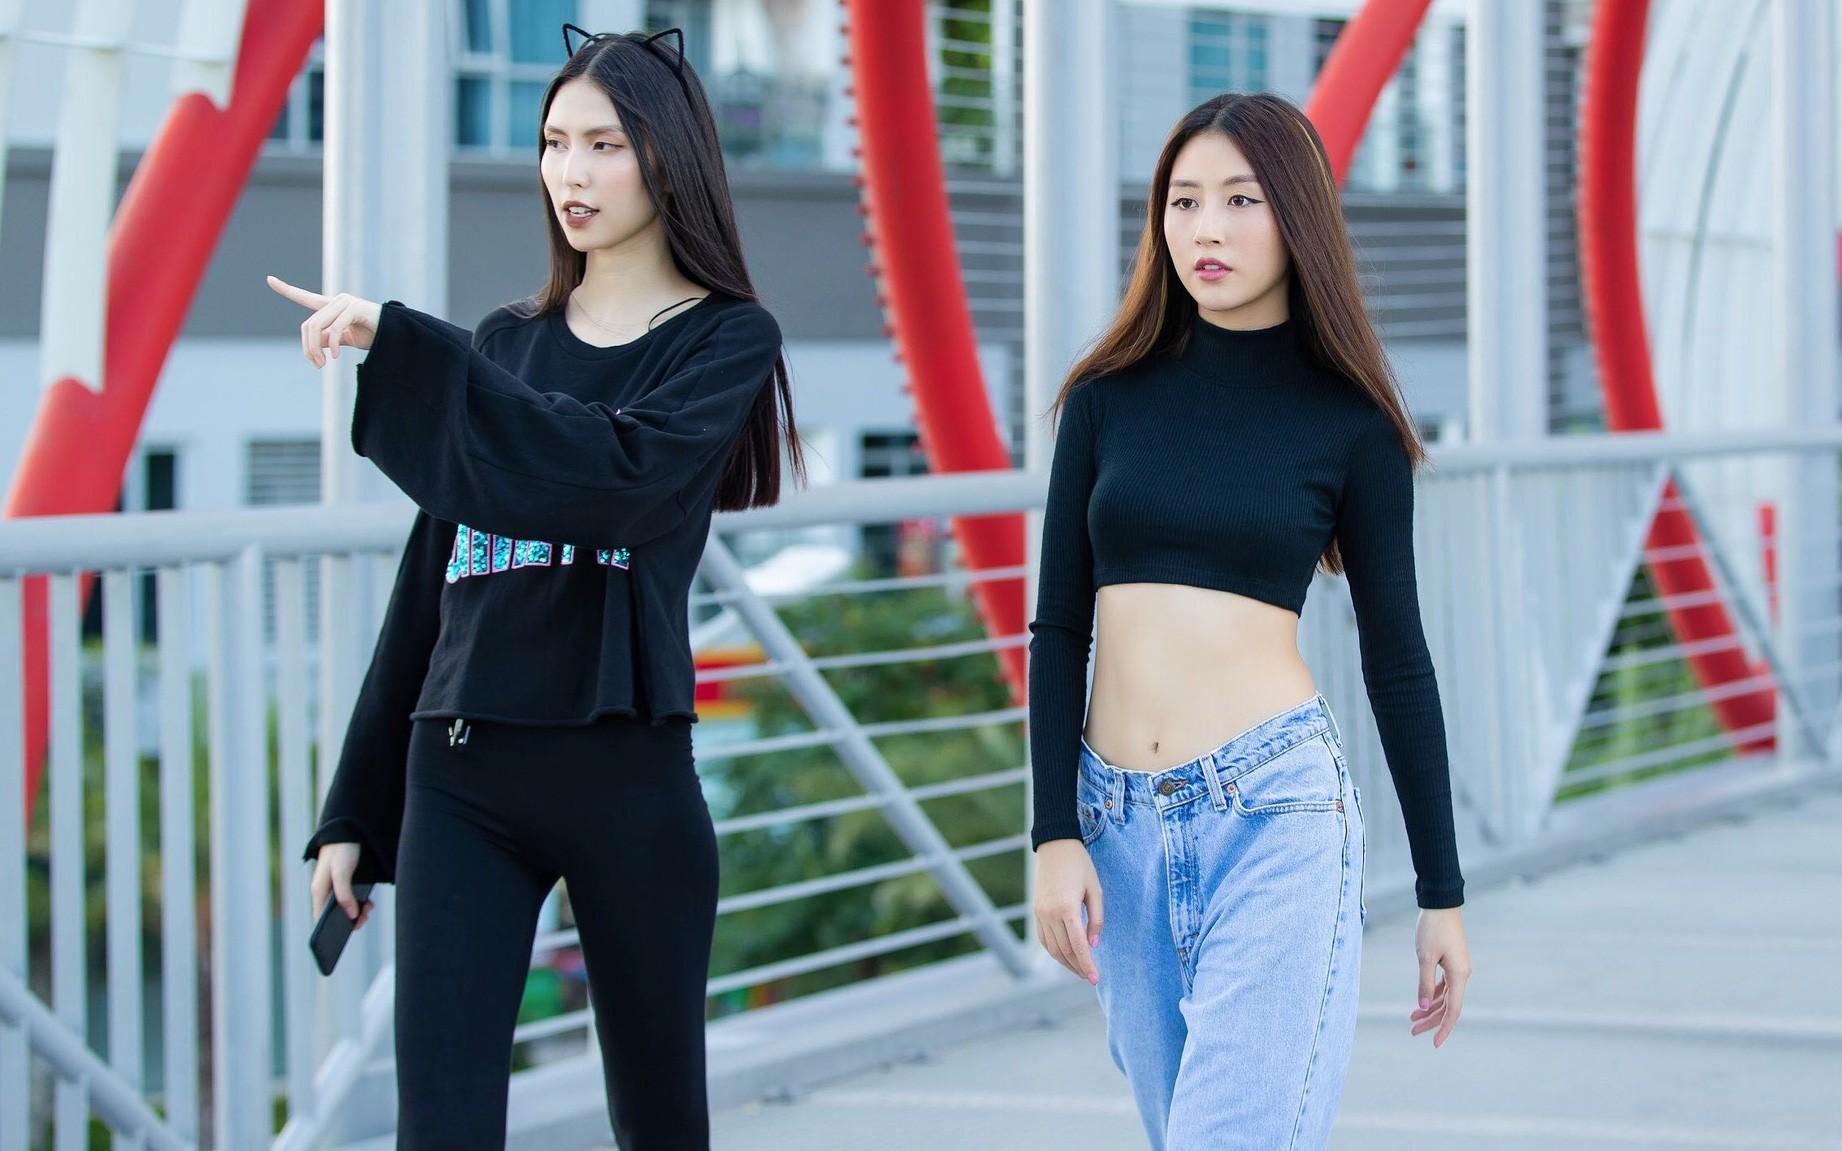 Quỳnh Anh Shyn nhờ Thùy Dương chỉ dạy catwalk, hứa hẹn sẽ phá đảo đường băng thời gian tới